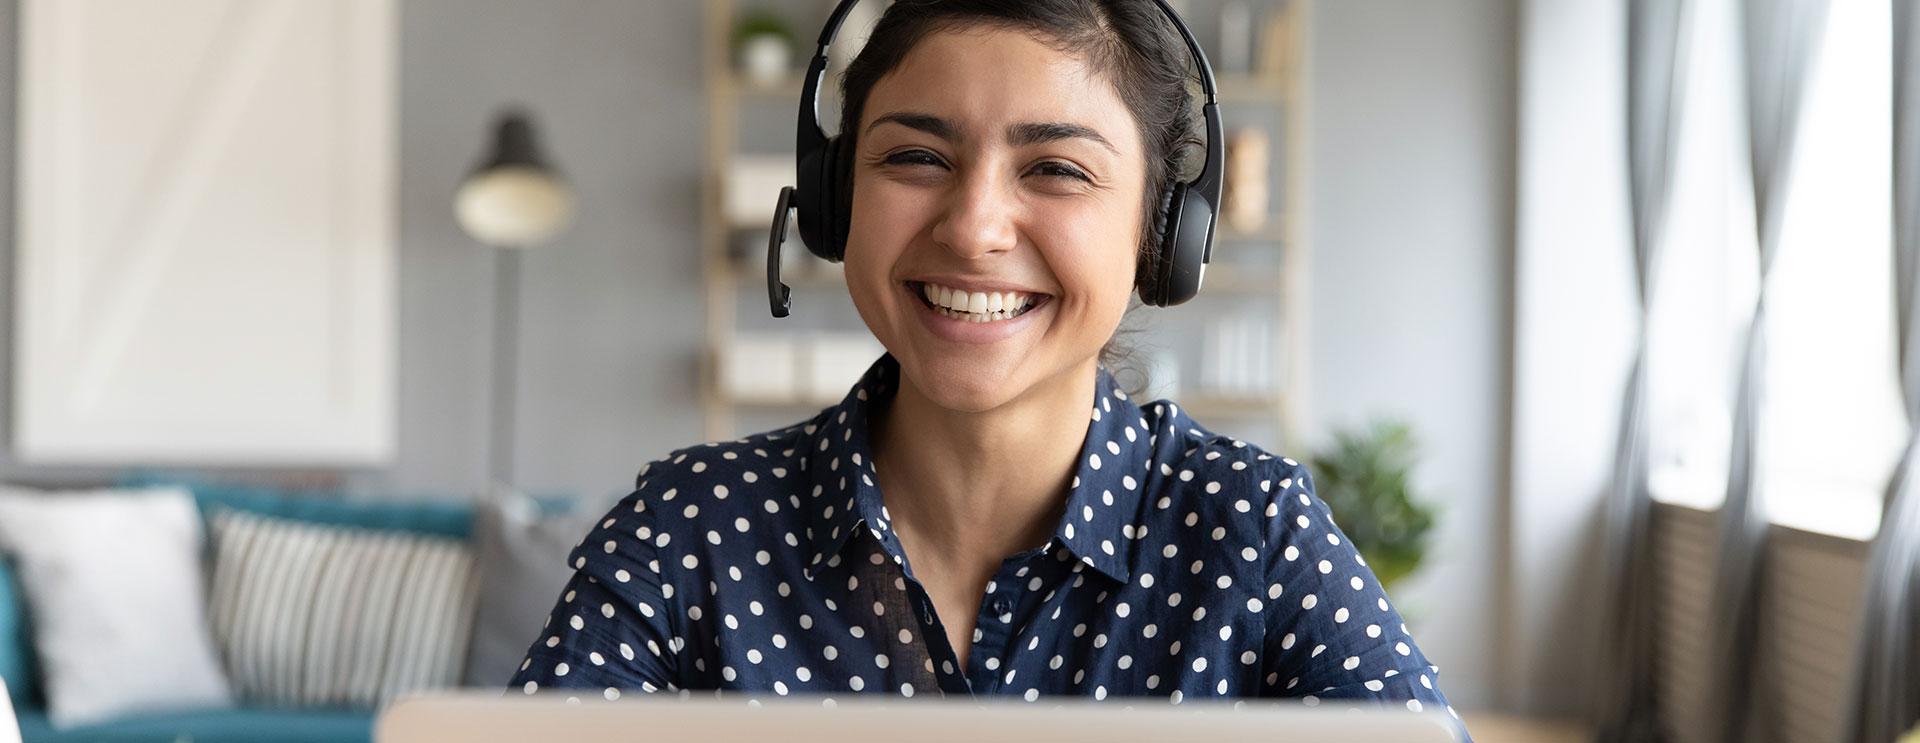 Frau mit Headset vor einem Notebook